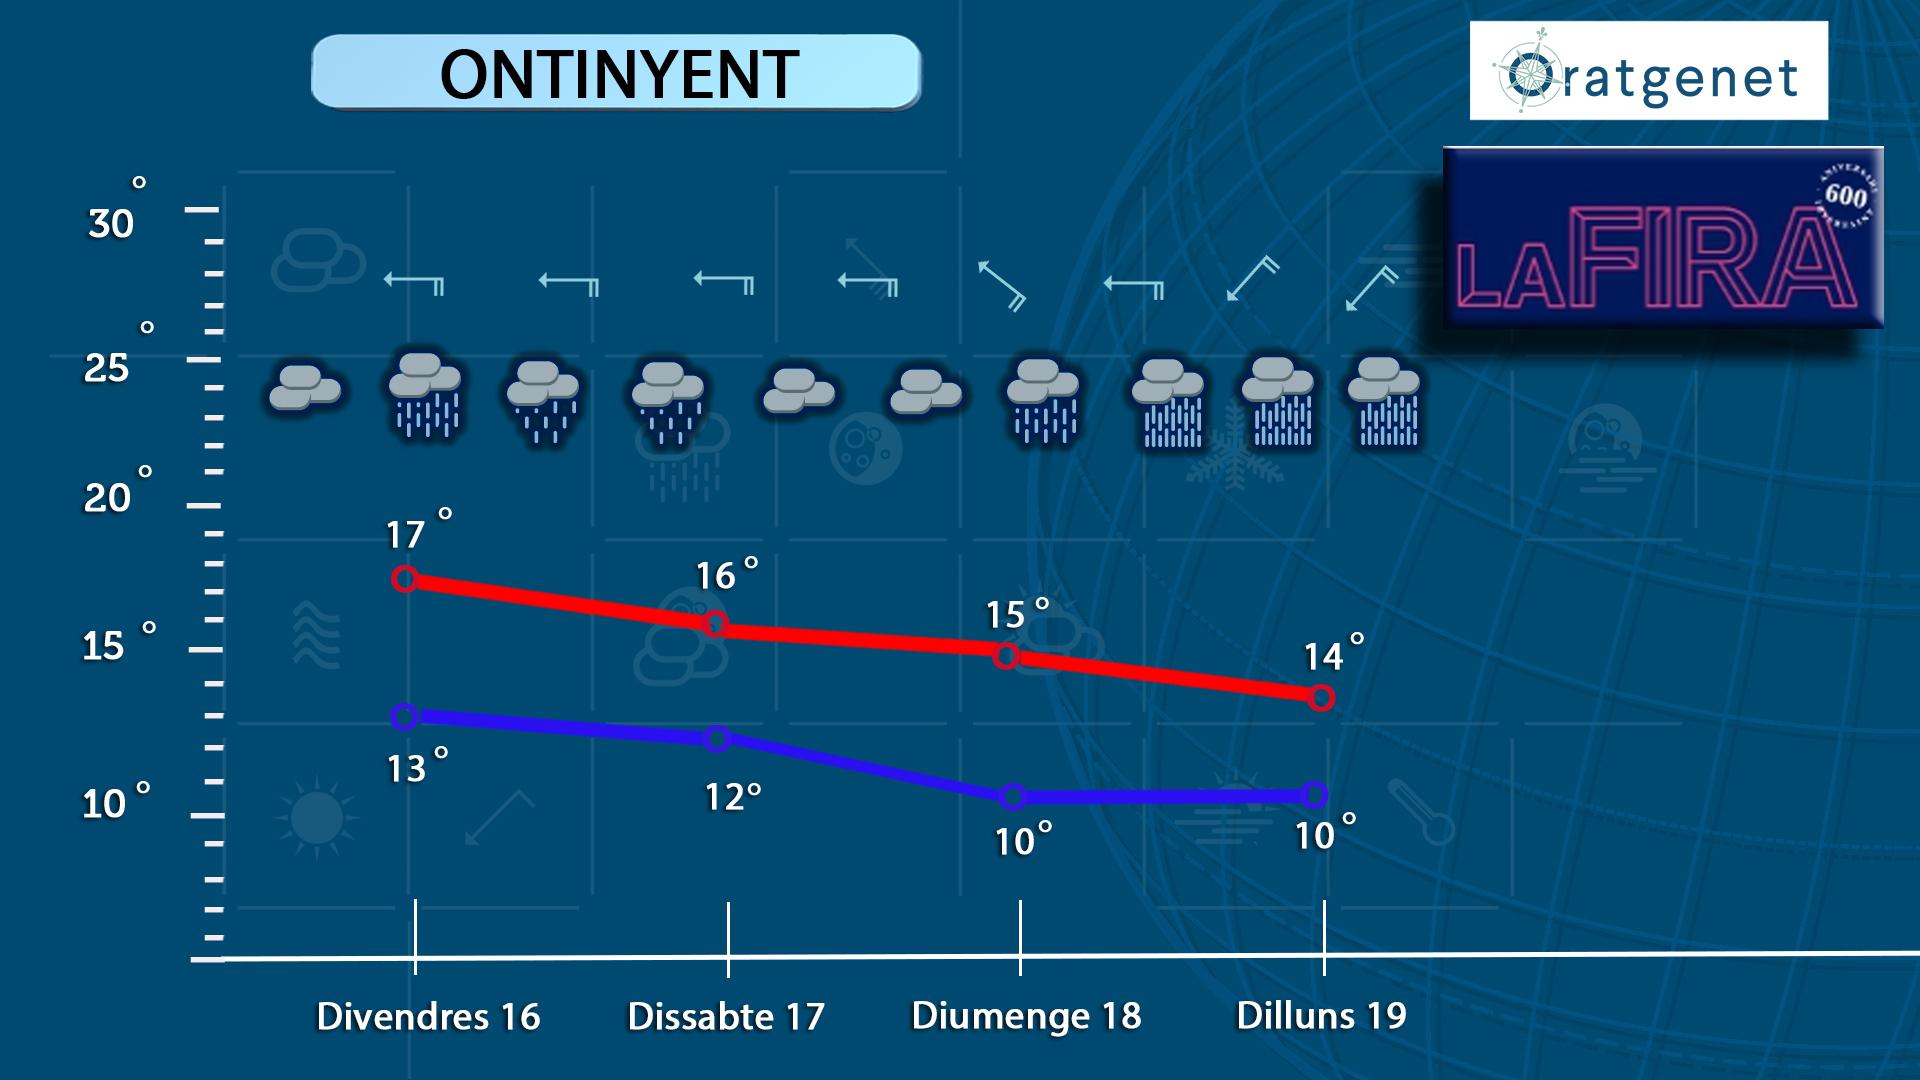 Previsió Fira: pluja intensa per a hui, diumenge i dilluns El Periòdic d'Ontinyent - Noticies a Ontinyent